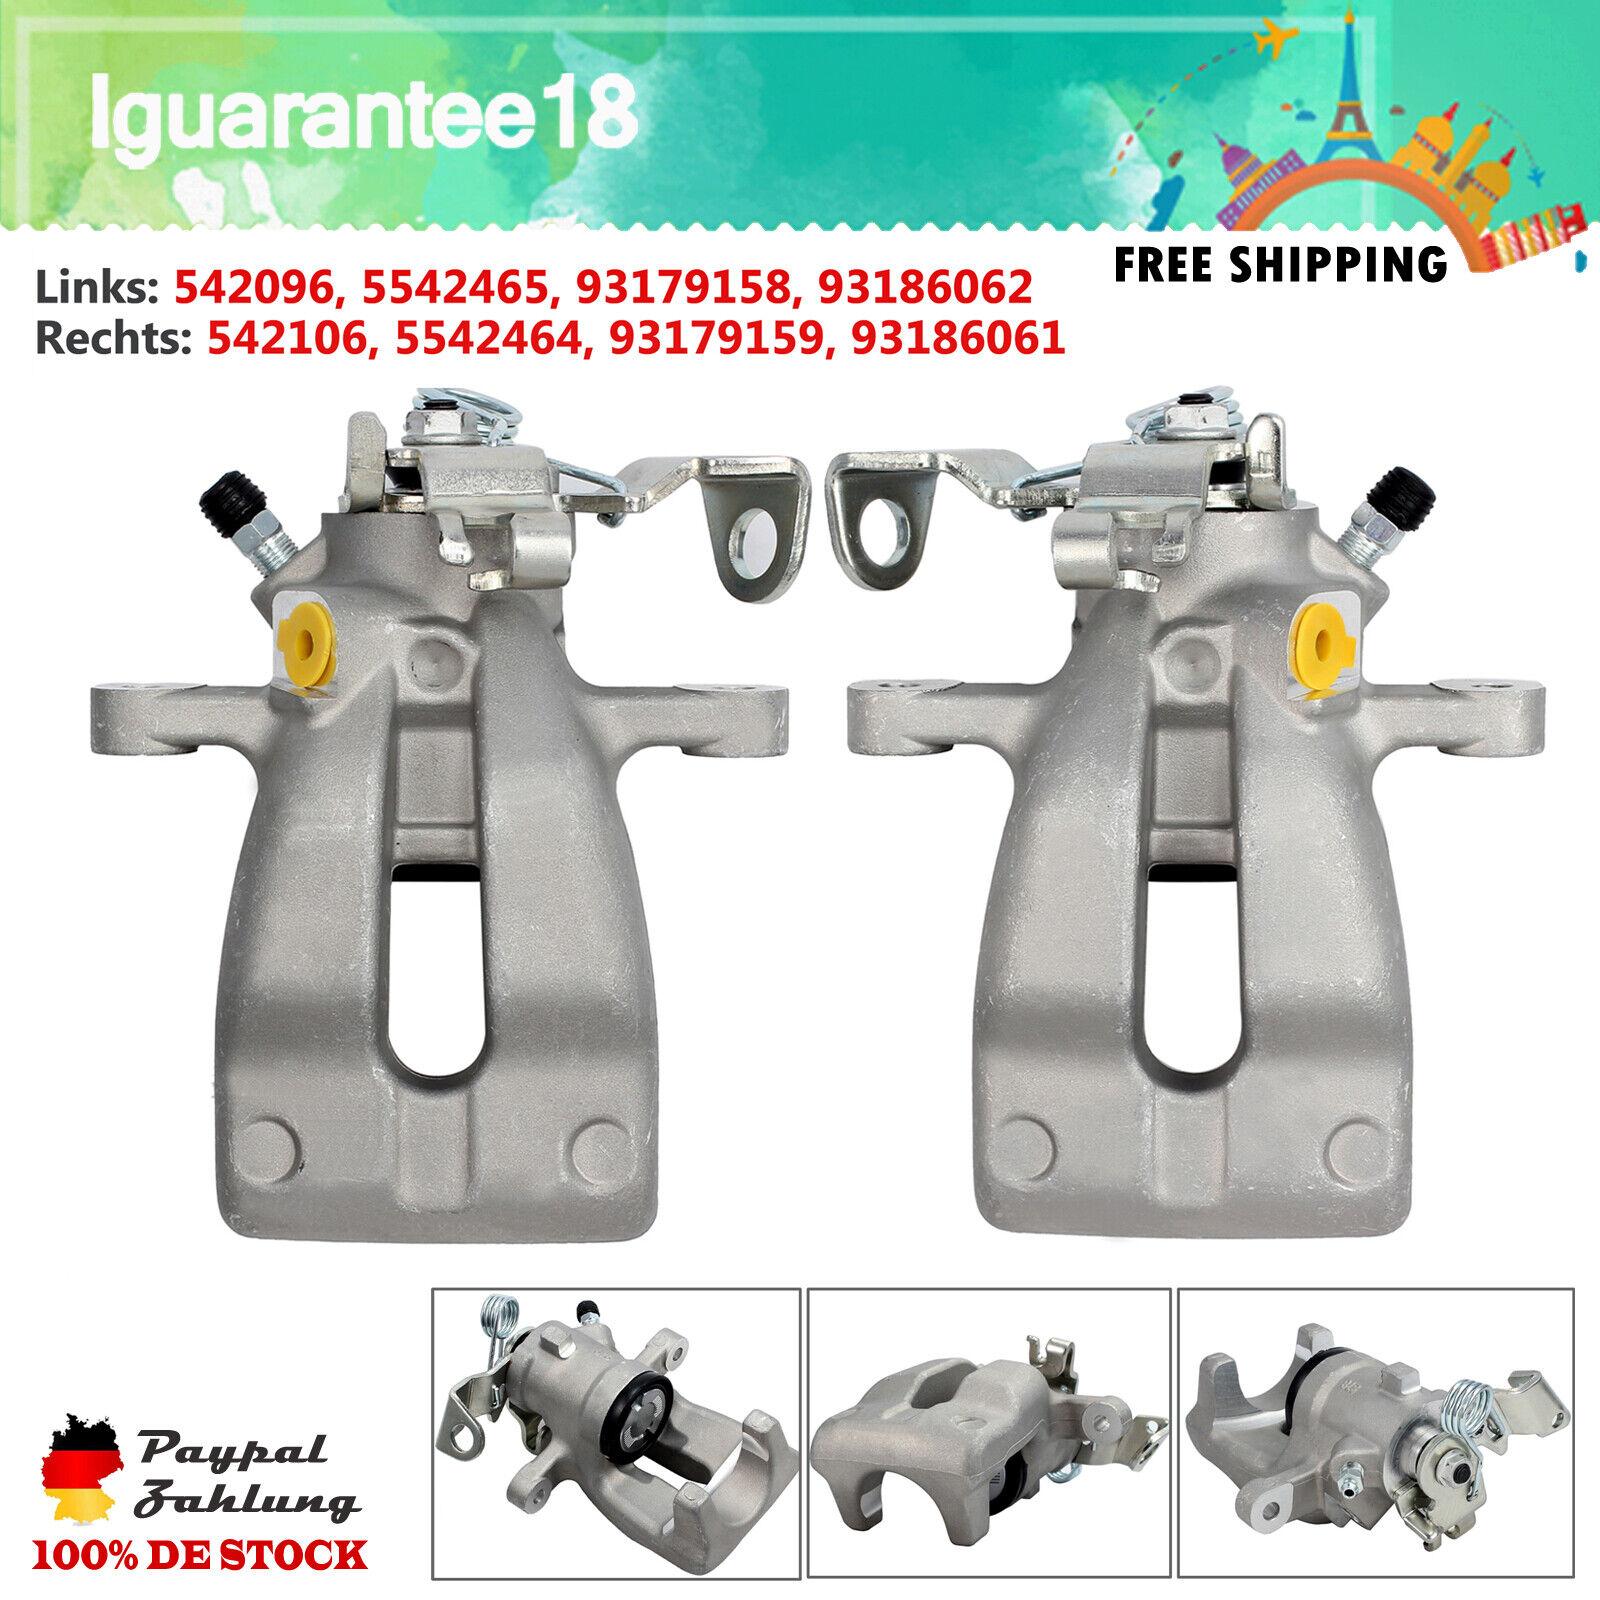 Bremssattel vorn links für Mercedes C123 S123 W123 alle Modelle 1234200383